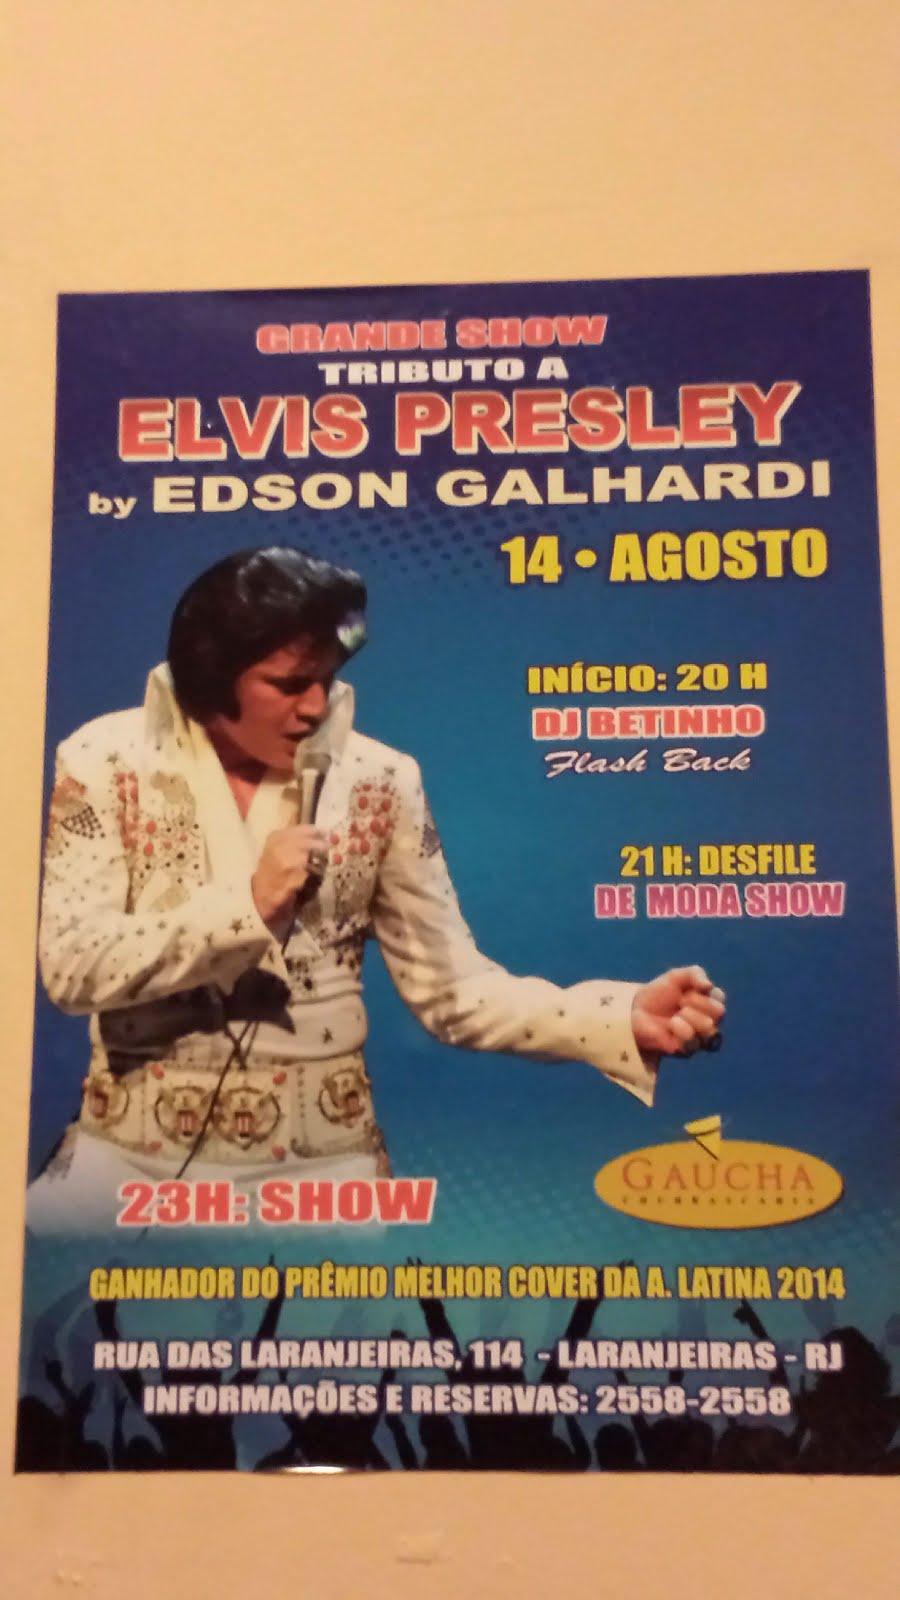 Dia 14 de Agosto de 2015 na Churrascaria Gaucha